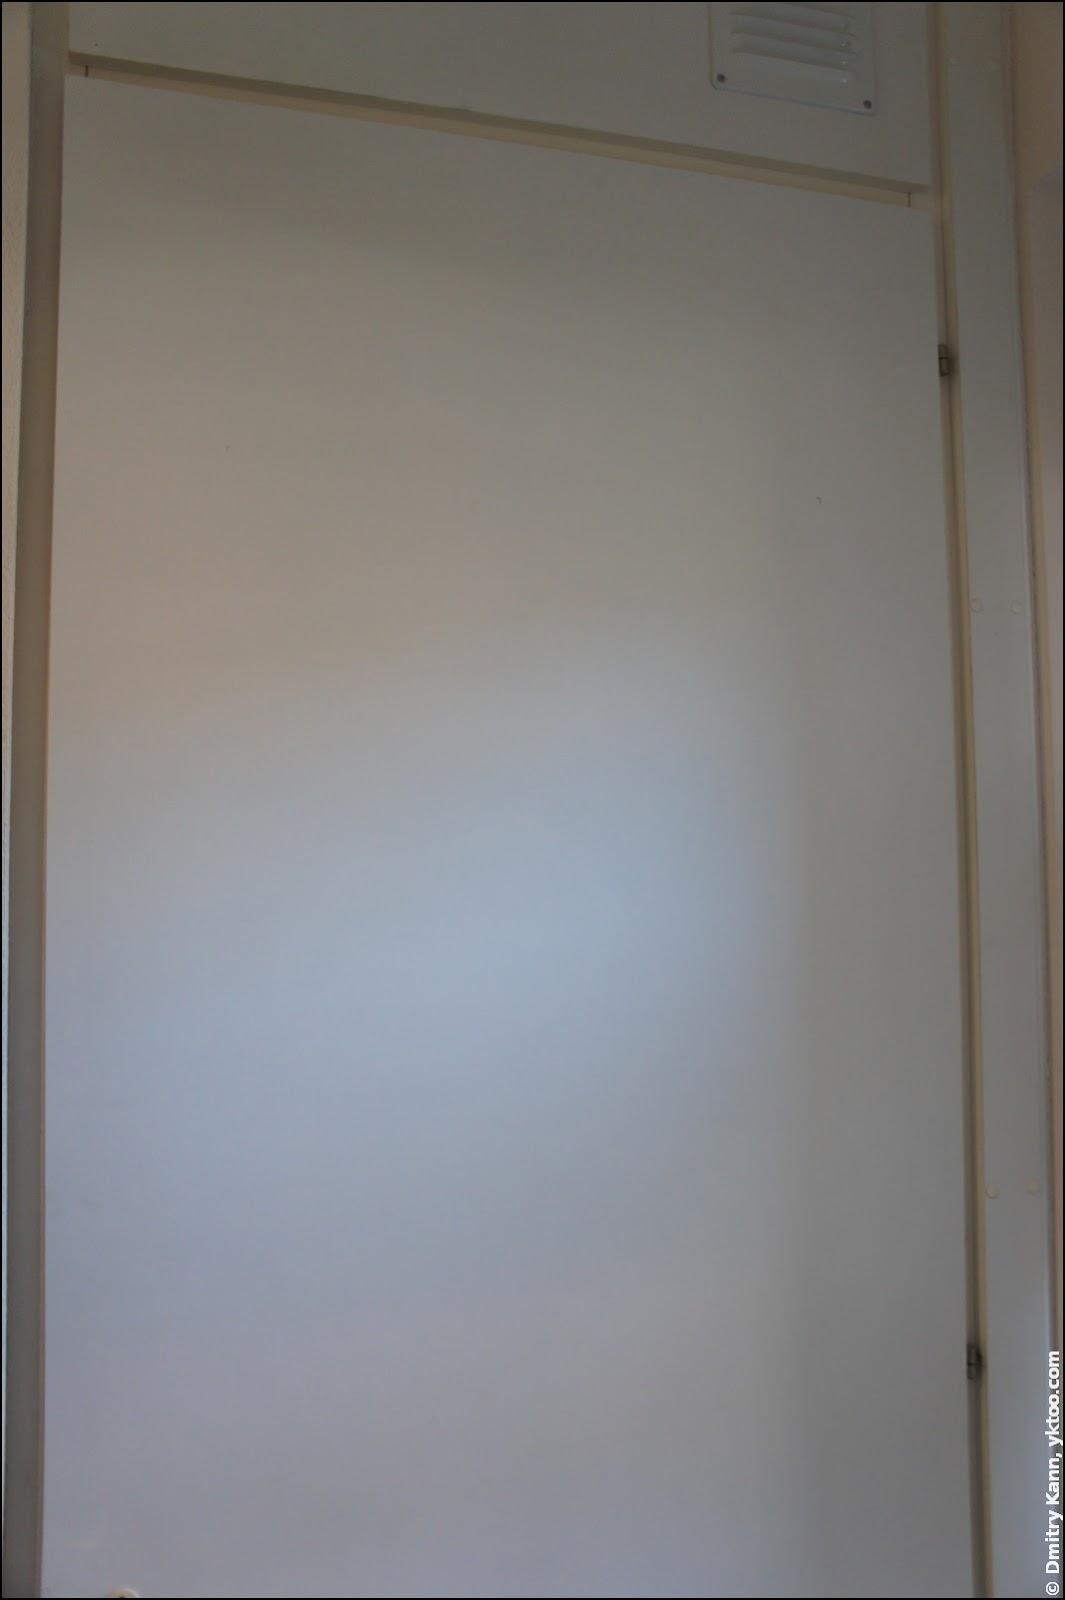 Meter cupboard a.k.a. meterkast.